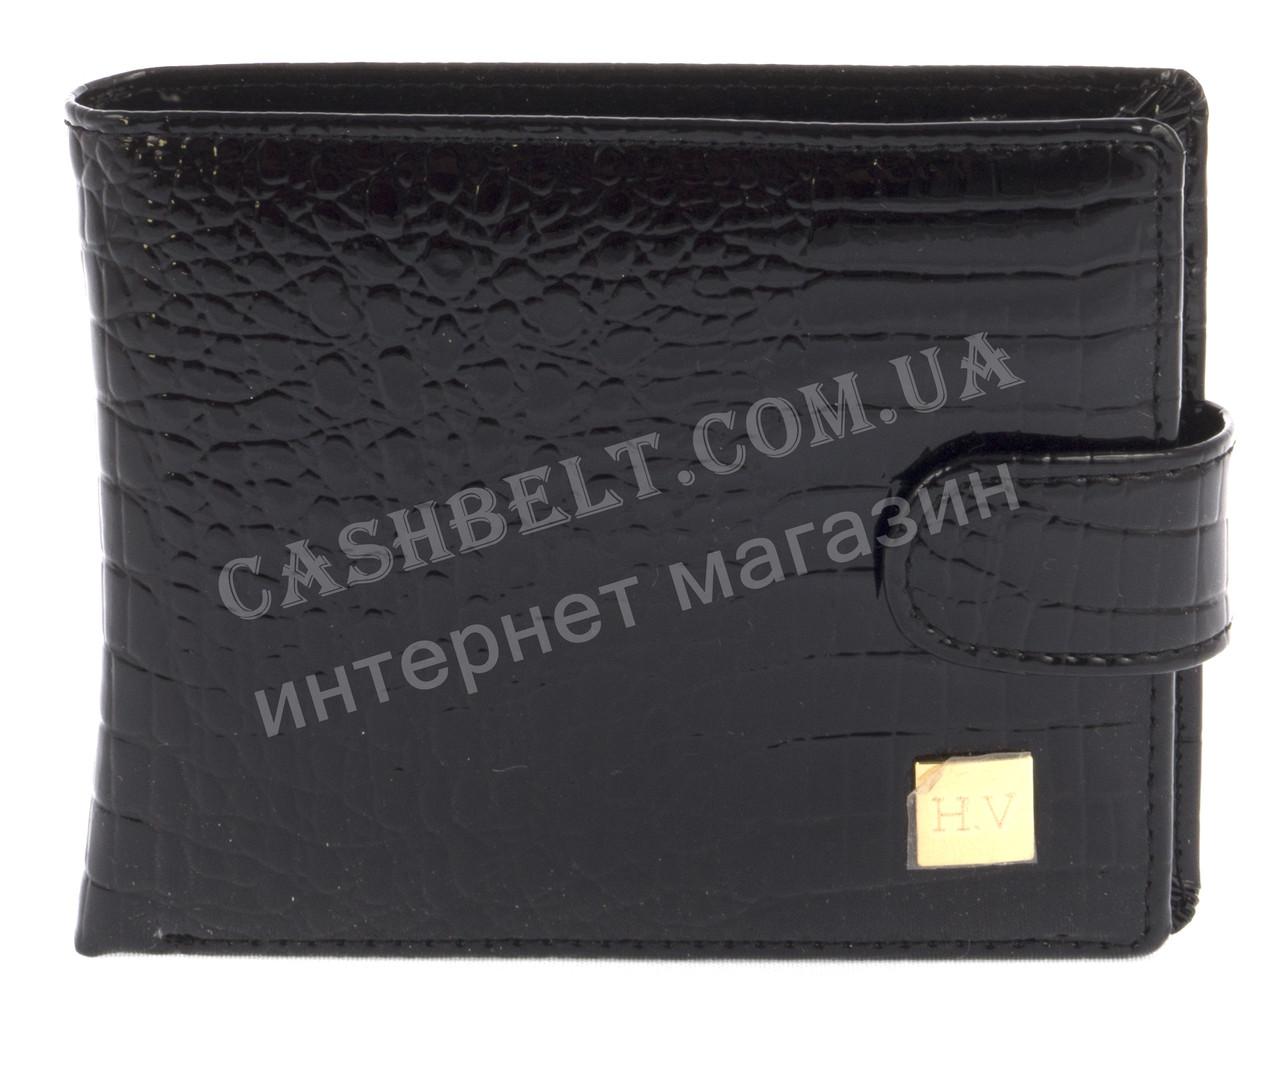 Небольшой шикарный женский кожаный тесненный кошелек высокого качества  H.VERDE art. 2173-67 черный лак